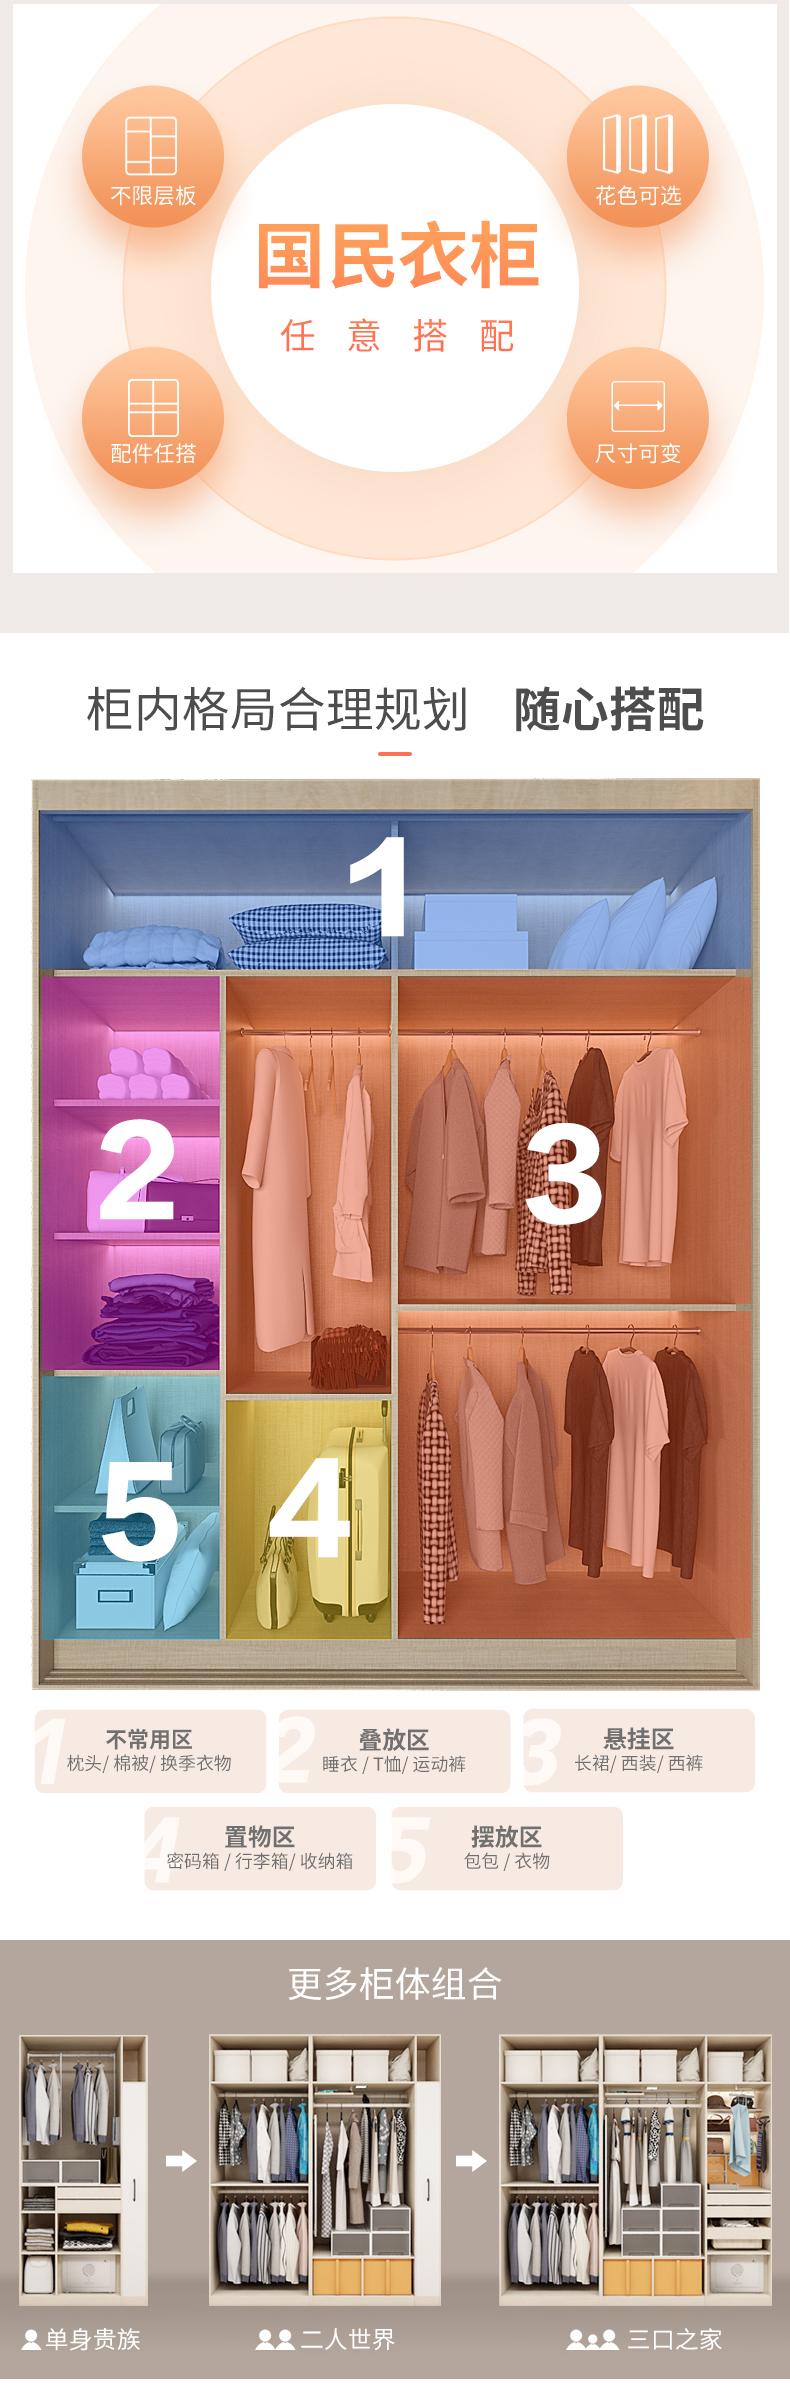 现代普及衣柜单㎡详情页_02.jpg